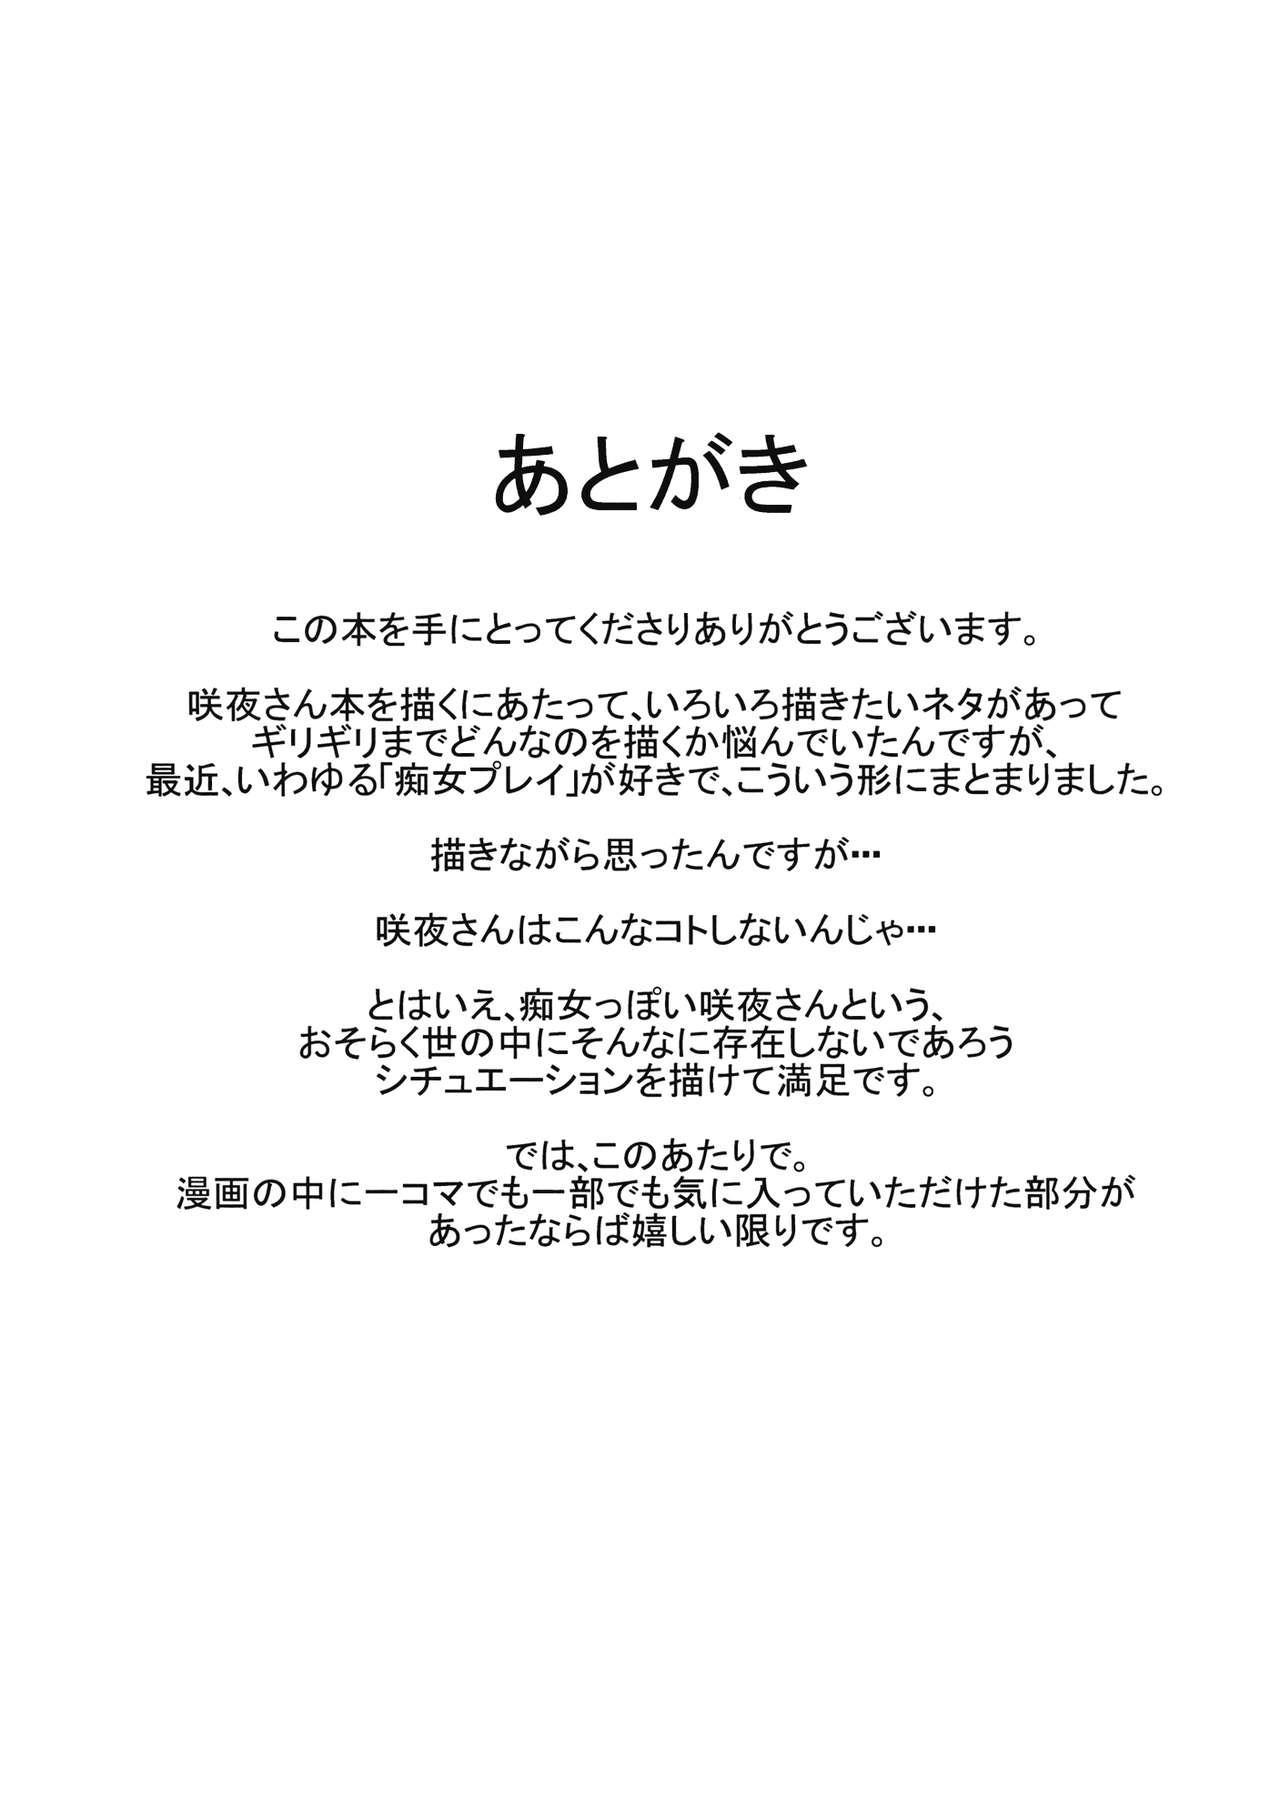 Sakuya-san ni... 14